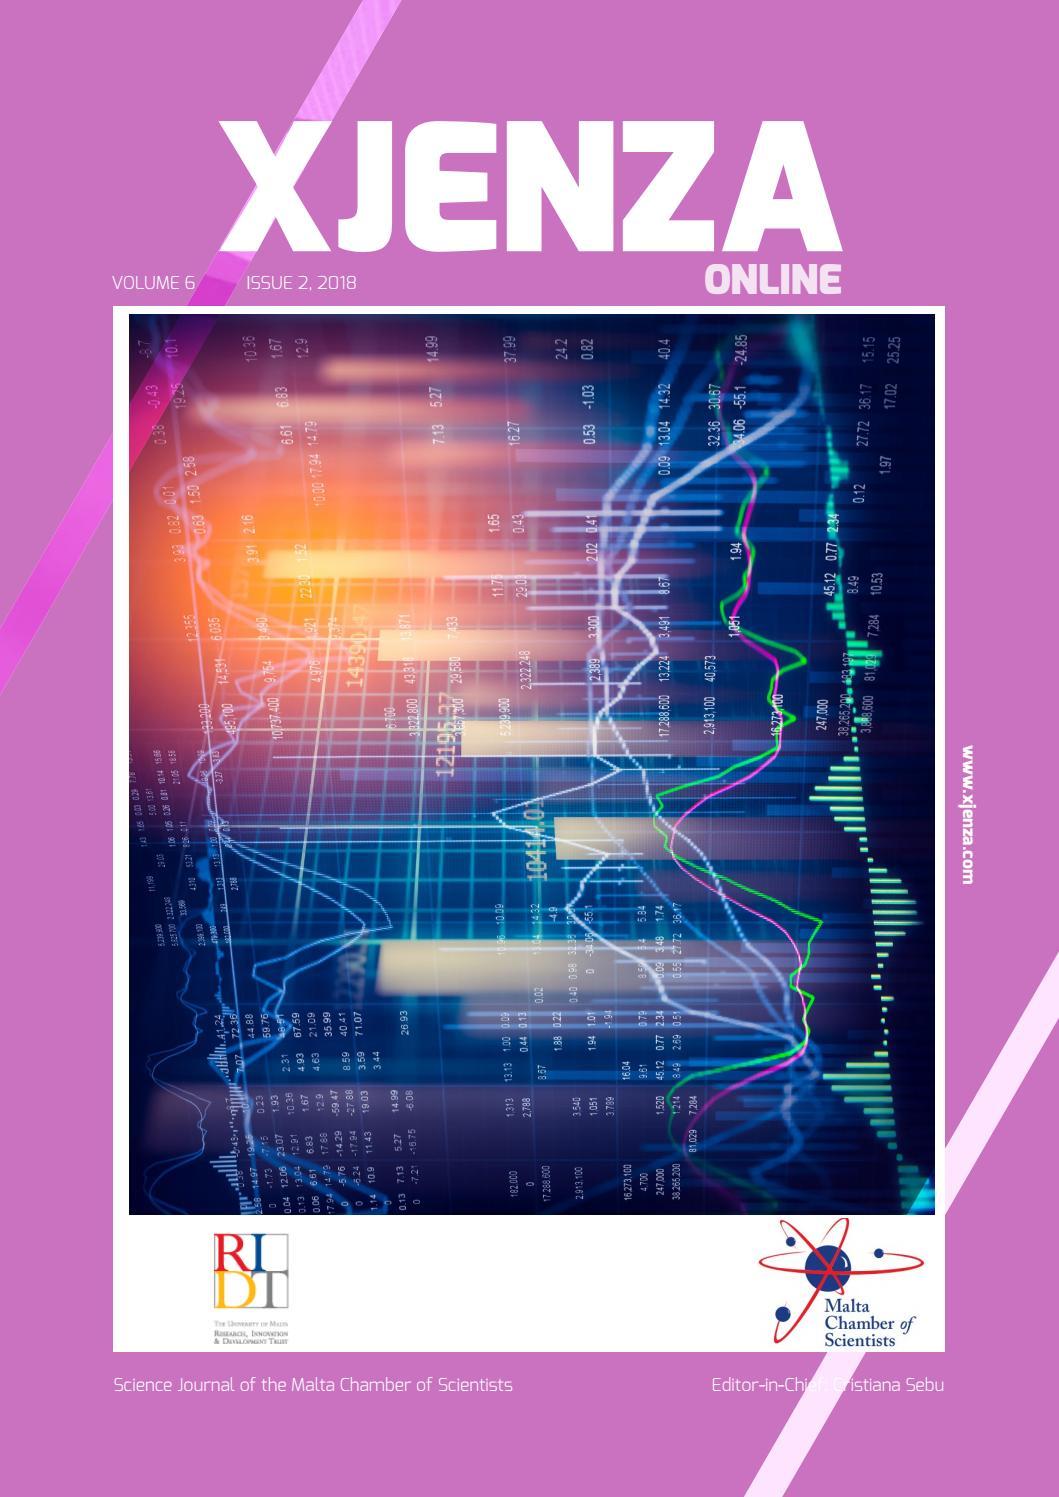 Xjenza Line New Series Vol 6 Iss 2 2018 By Malta